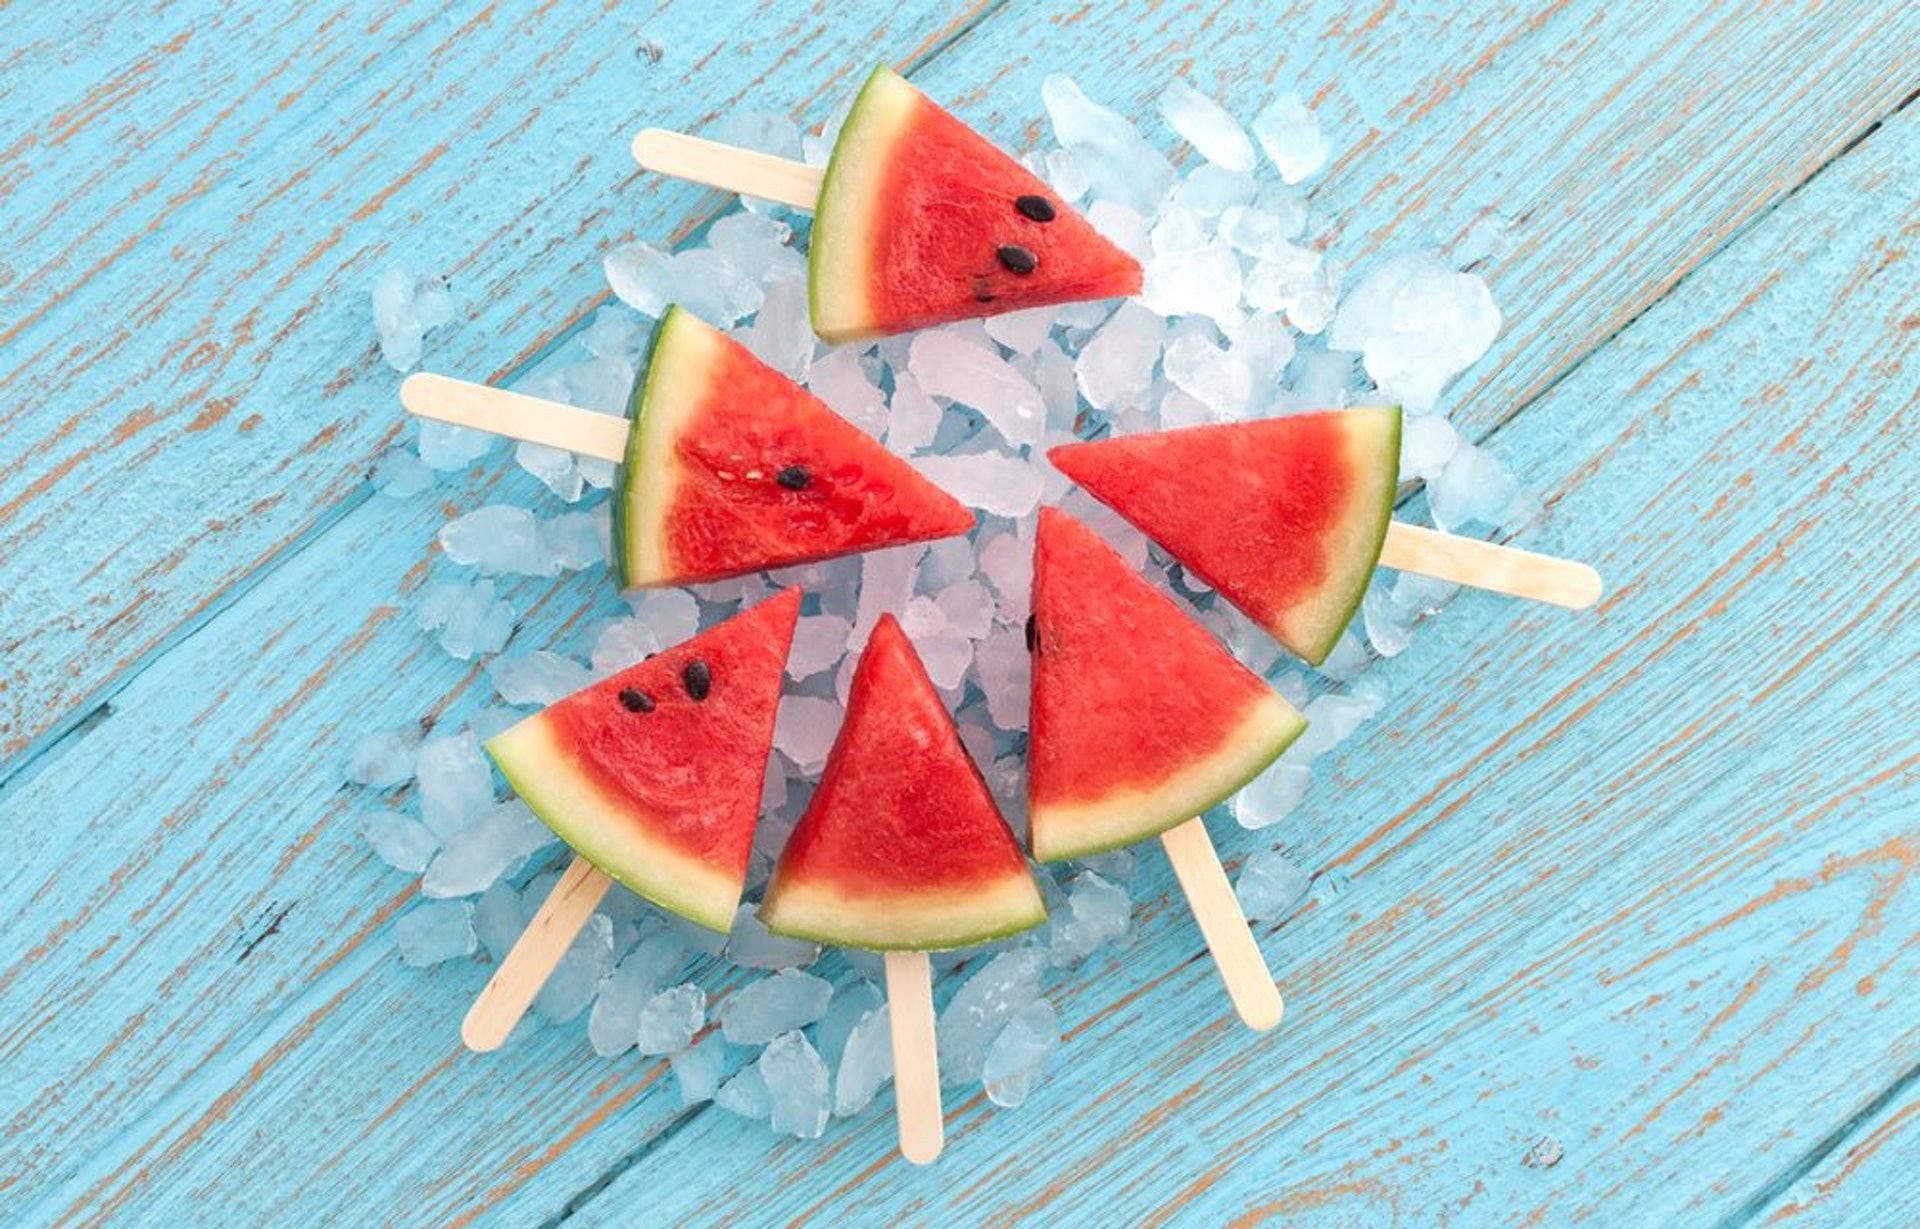 坐月期間應減少進食「生冷寒涼食物」、「刺激性食物」及「油膩滯胃食物」。(圖片:Freepik)